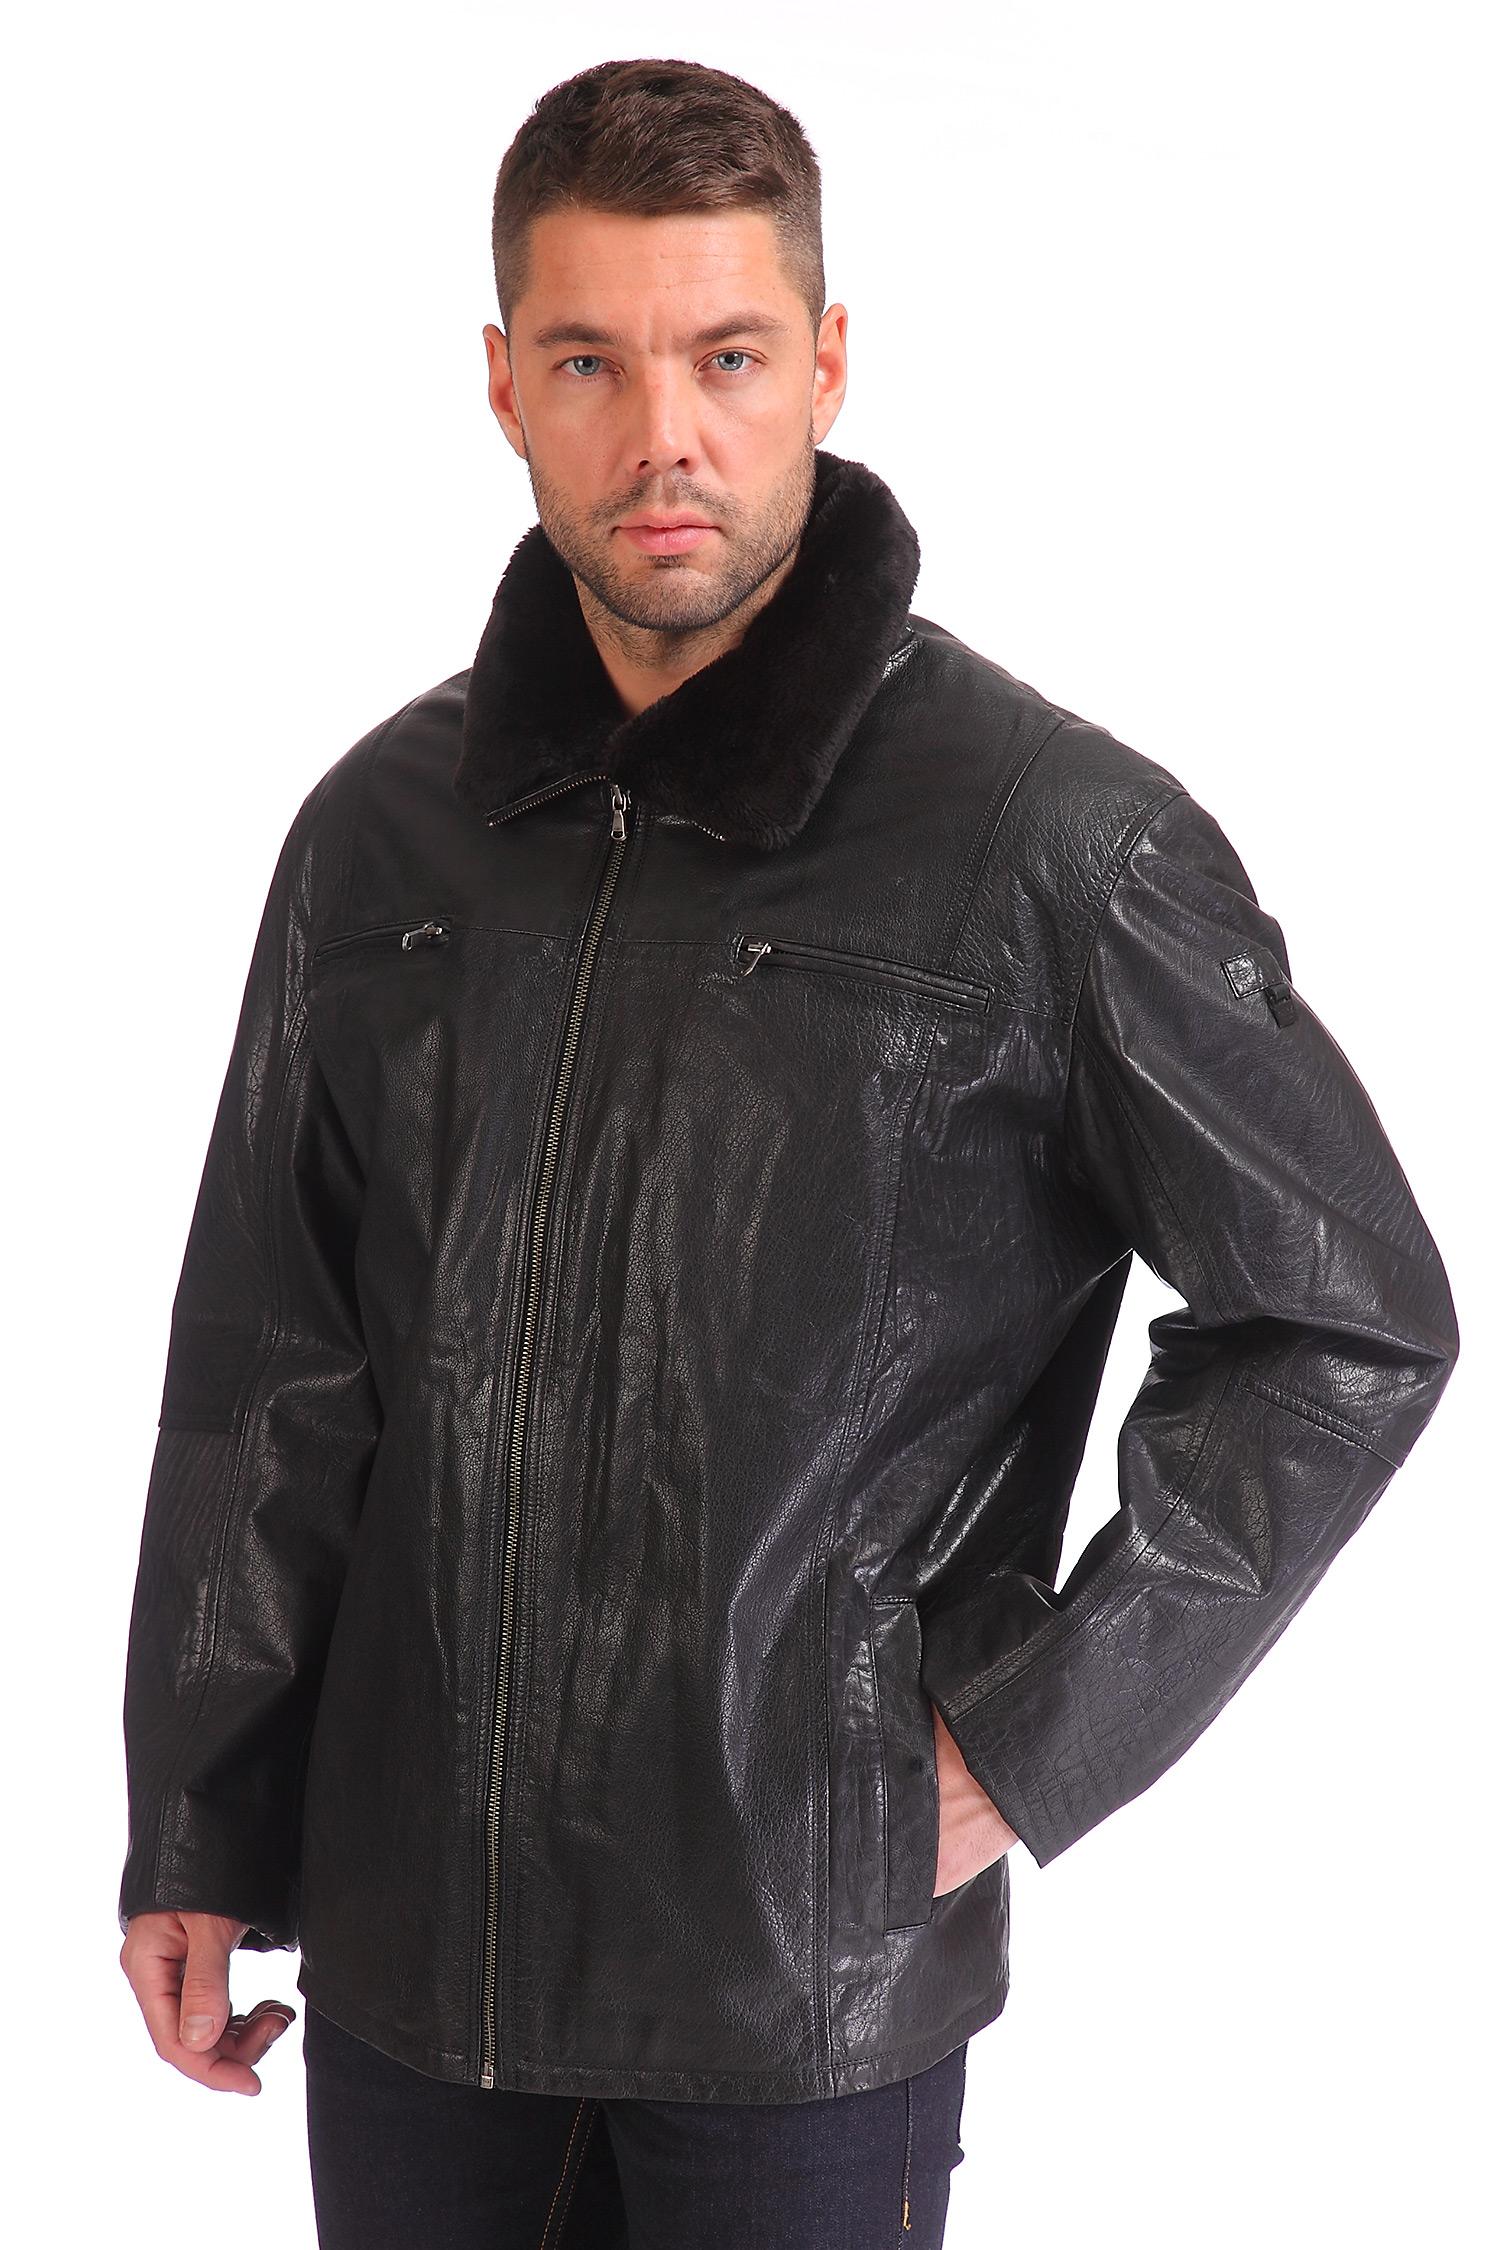 Мужская кожаная куртка из натуральной кожи утепленная, отделка искусственный мех<br><br>Цвет: черный<br>Материал: Кожа овчина<br>Воротник: без воротника<br>Длина см: Средняя (75-89 )<br>Пол: Мужской<br>Размер RU: 56-58